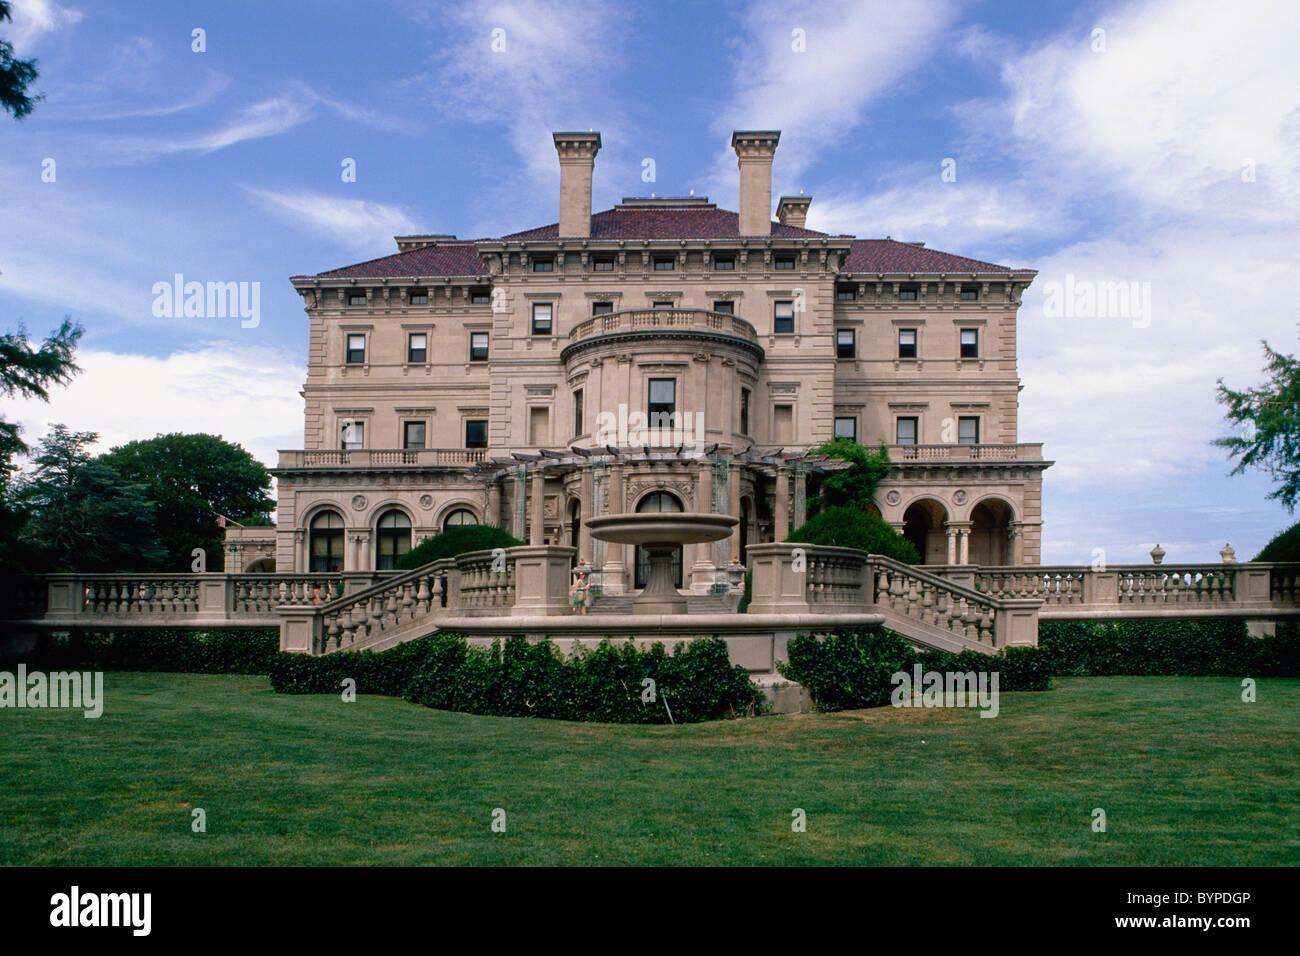 Breakers mansion entrada lateral vista, Newport, Rhode Island Imagen De Stock